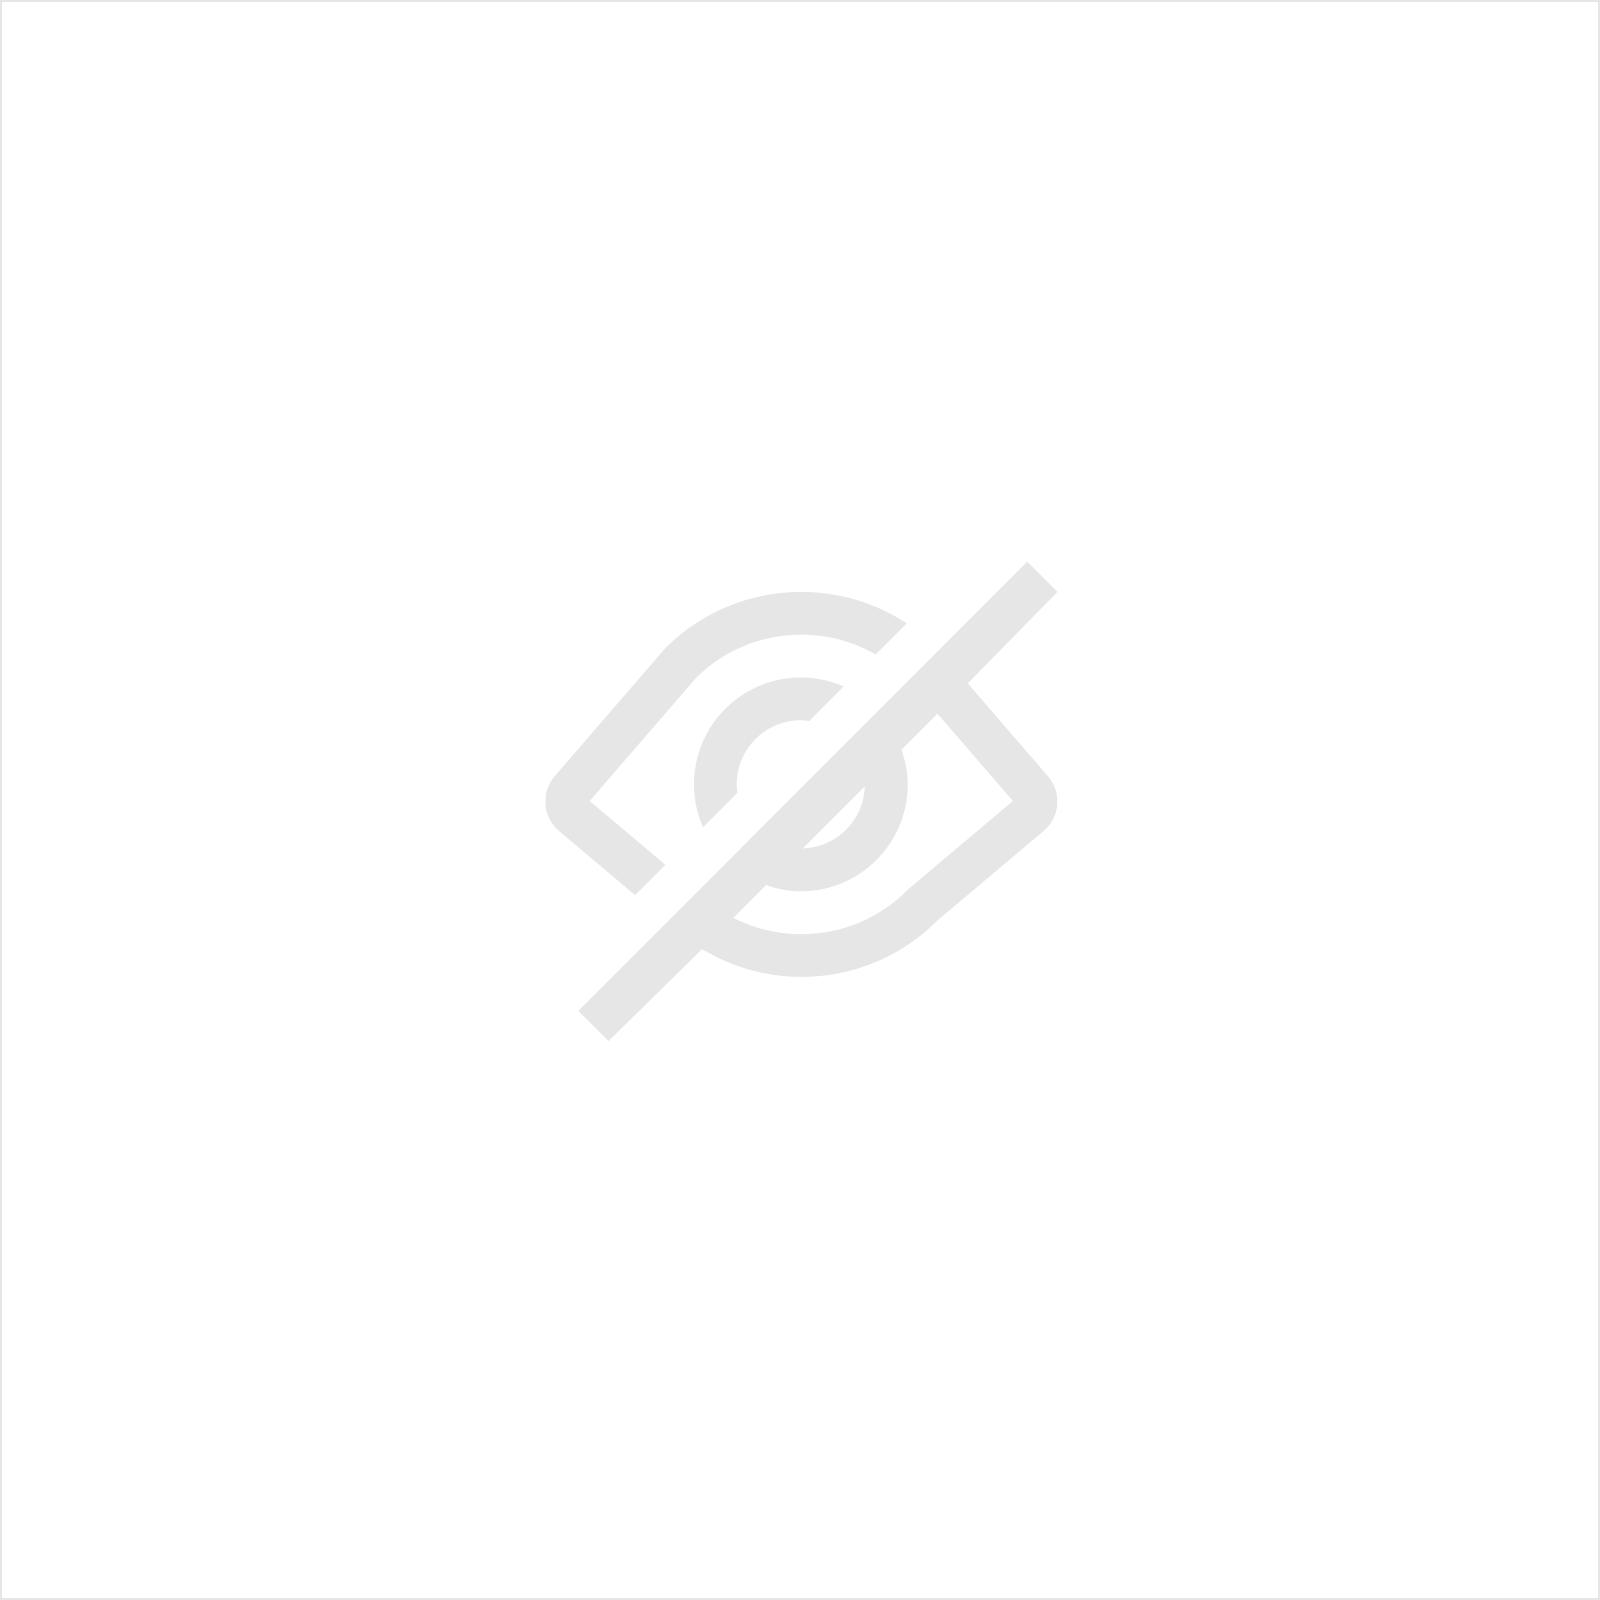 AUTOSOL POLIJSTDOEKEN KATOEN SET (3 ST)